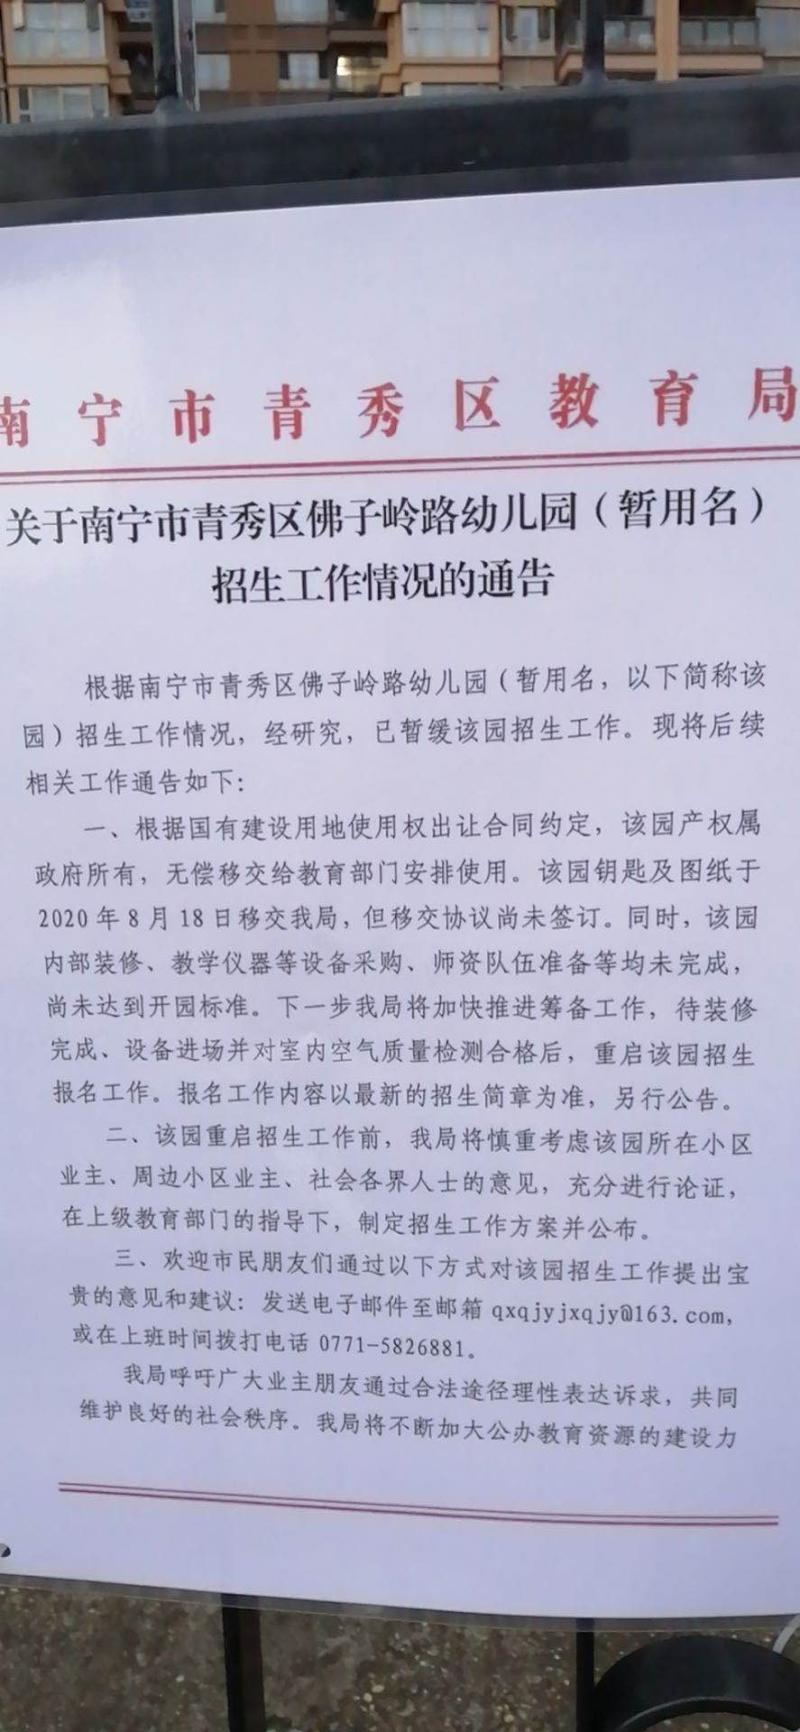 霖峰壹號幼儿园维权后续:暂缓开园,招生方案听取多方意见后制定